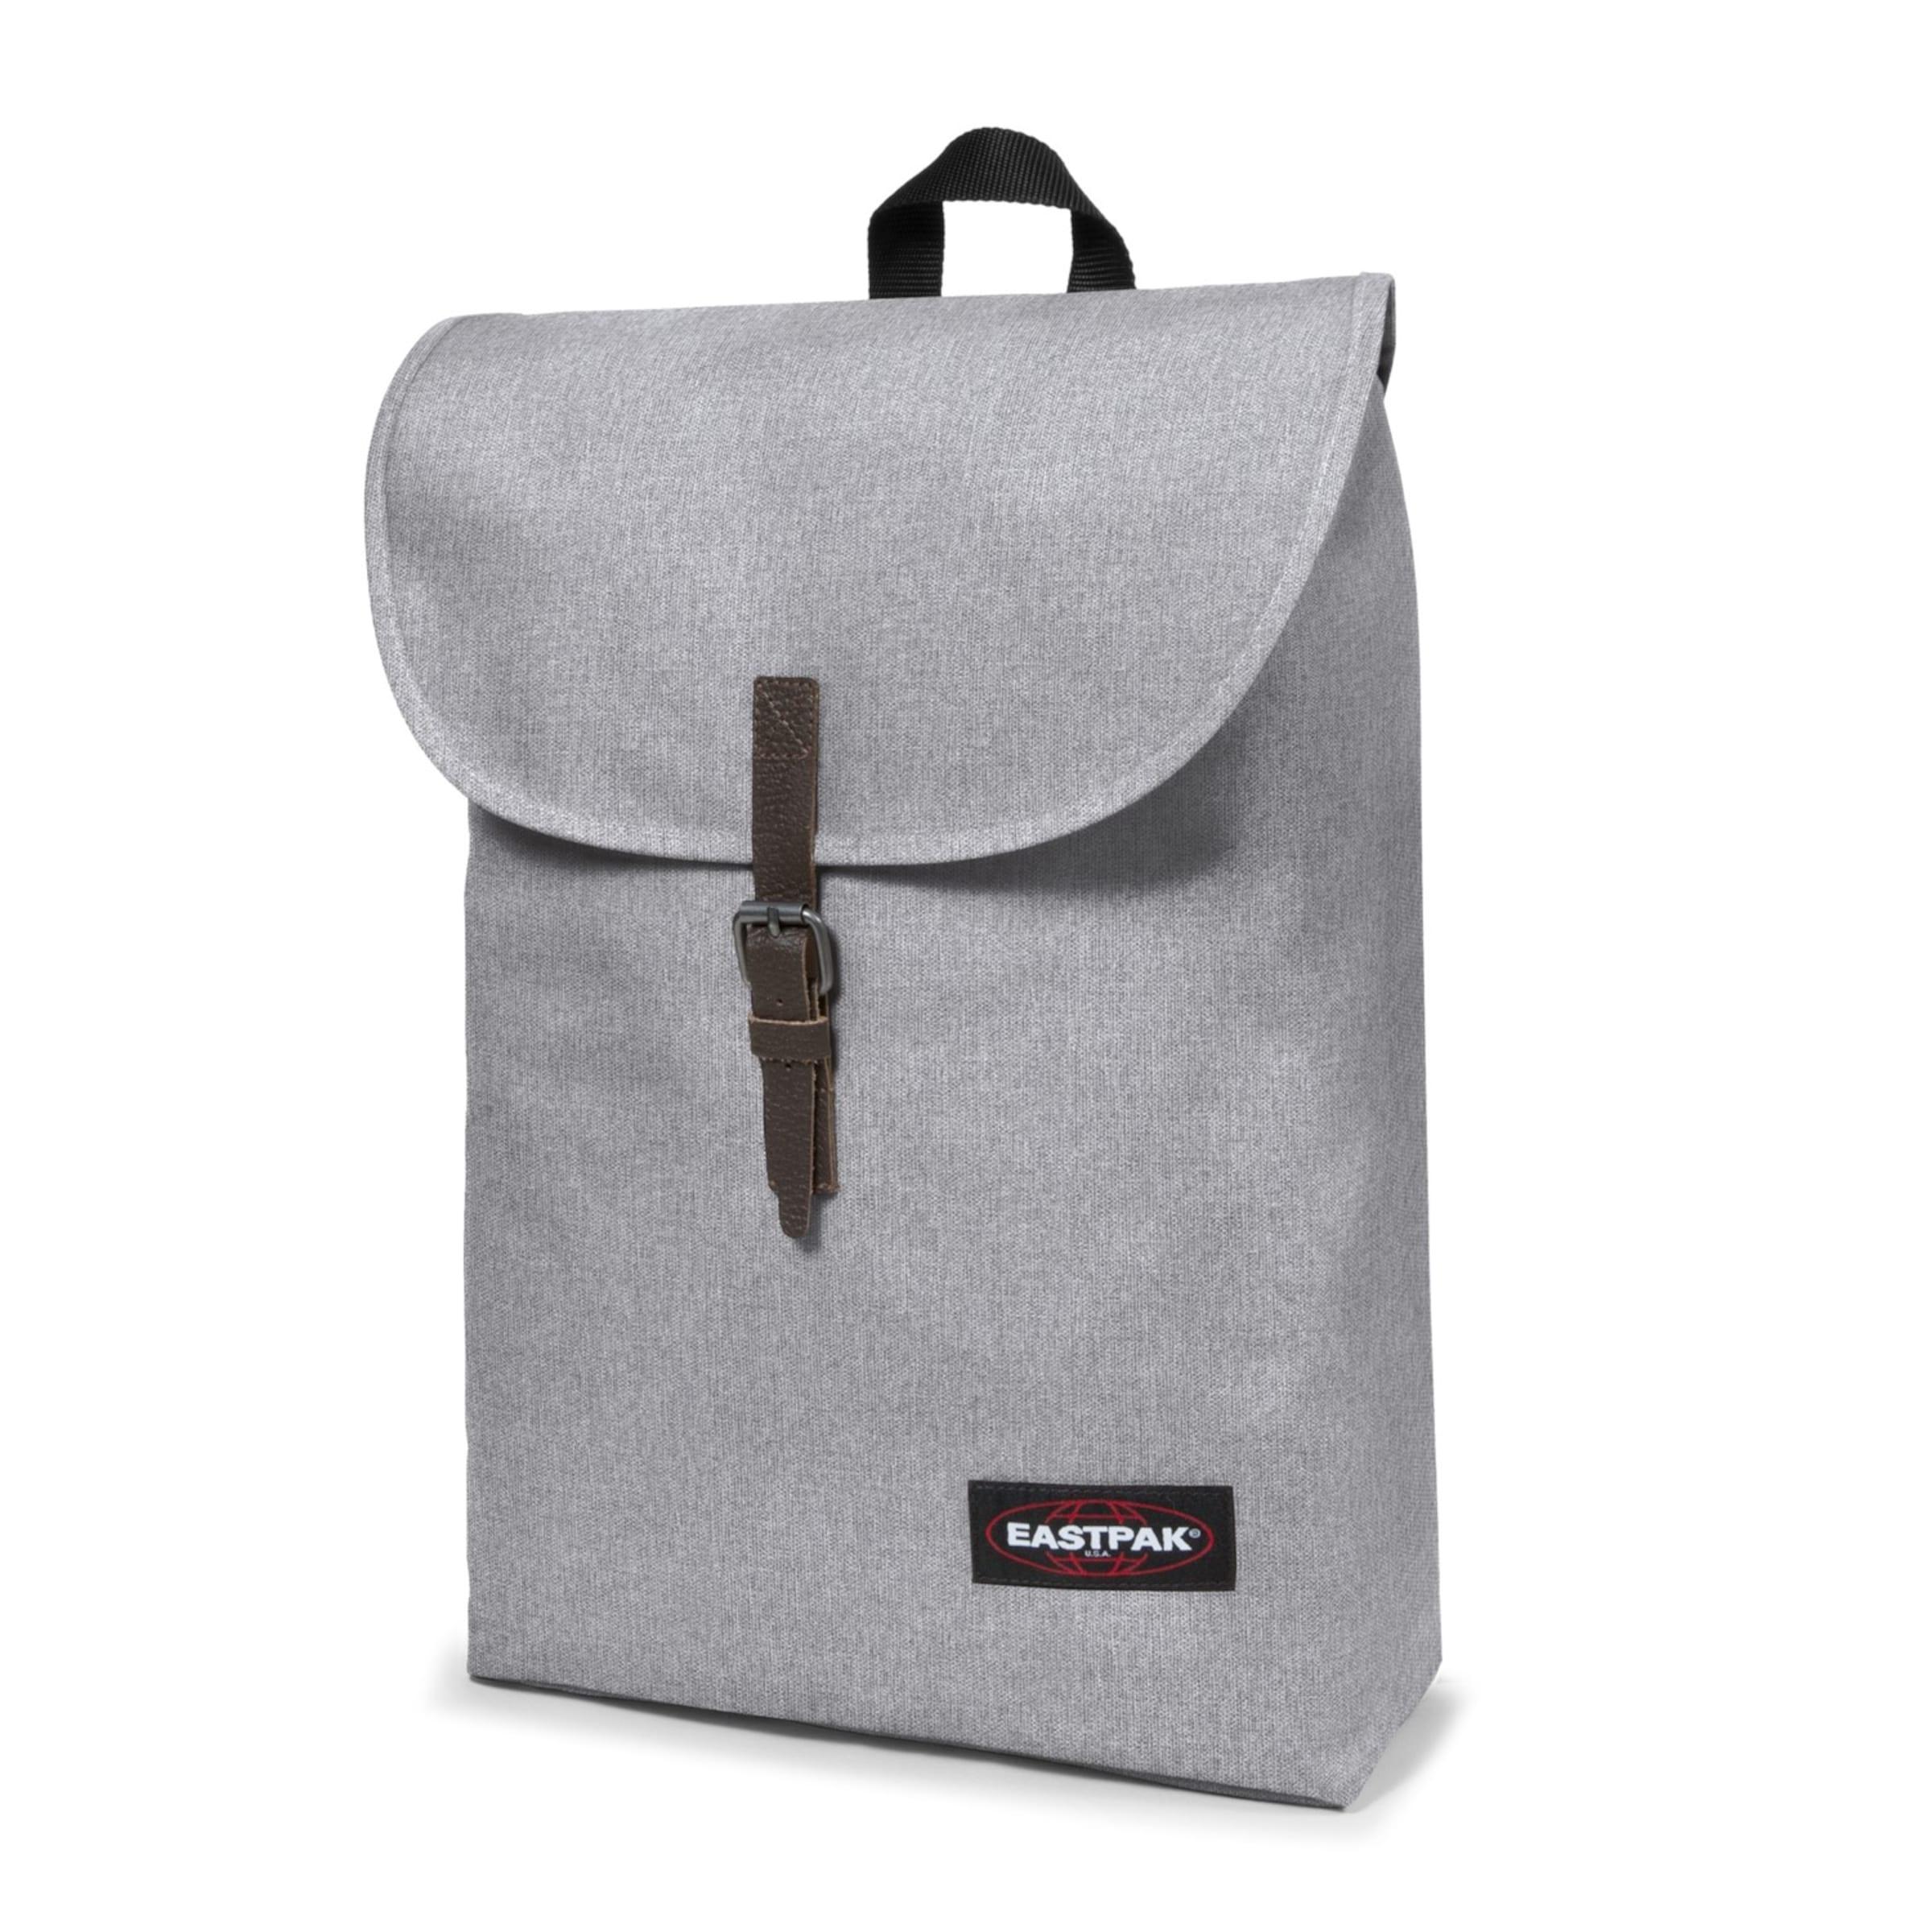 EASTPAK Ciera Rucksack Bester Großhandel Günstig Online Amazon Online Einkaufen Mode-Stil Günstig Online WCgwce